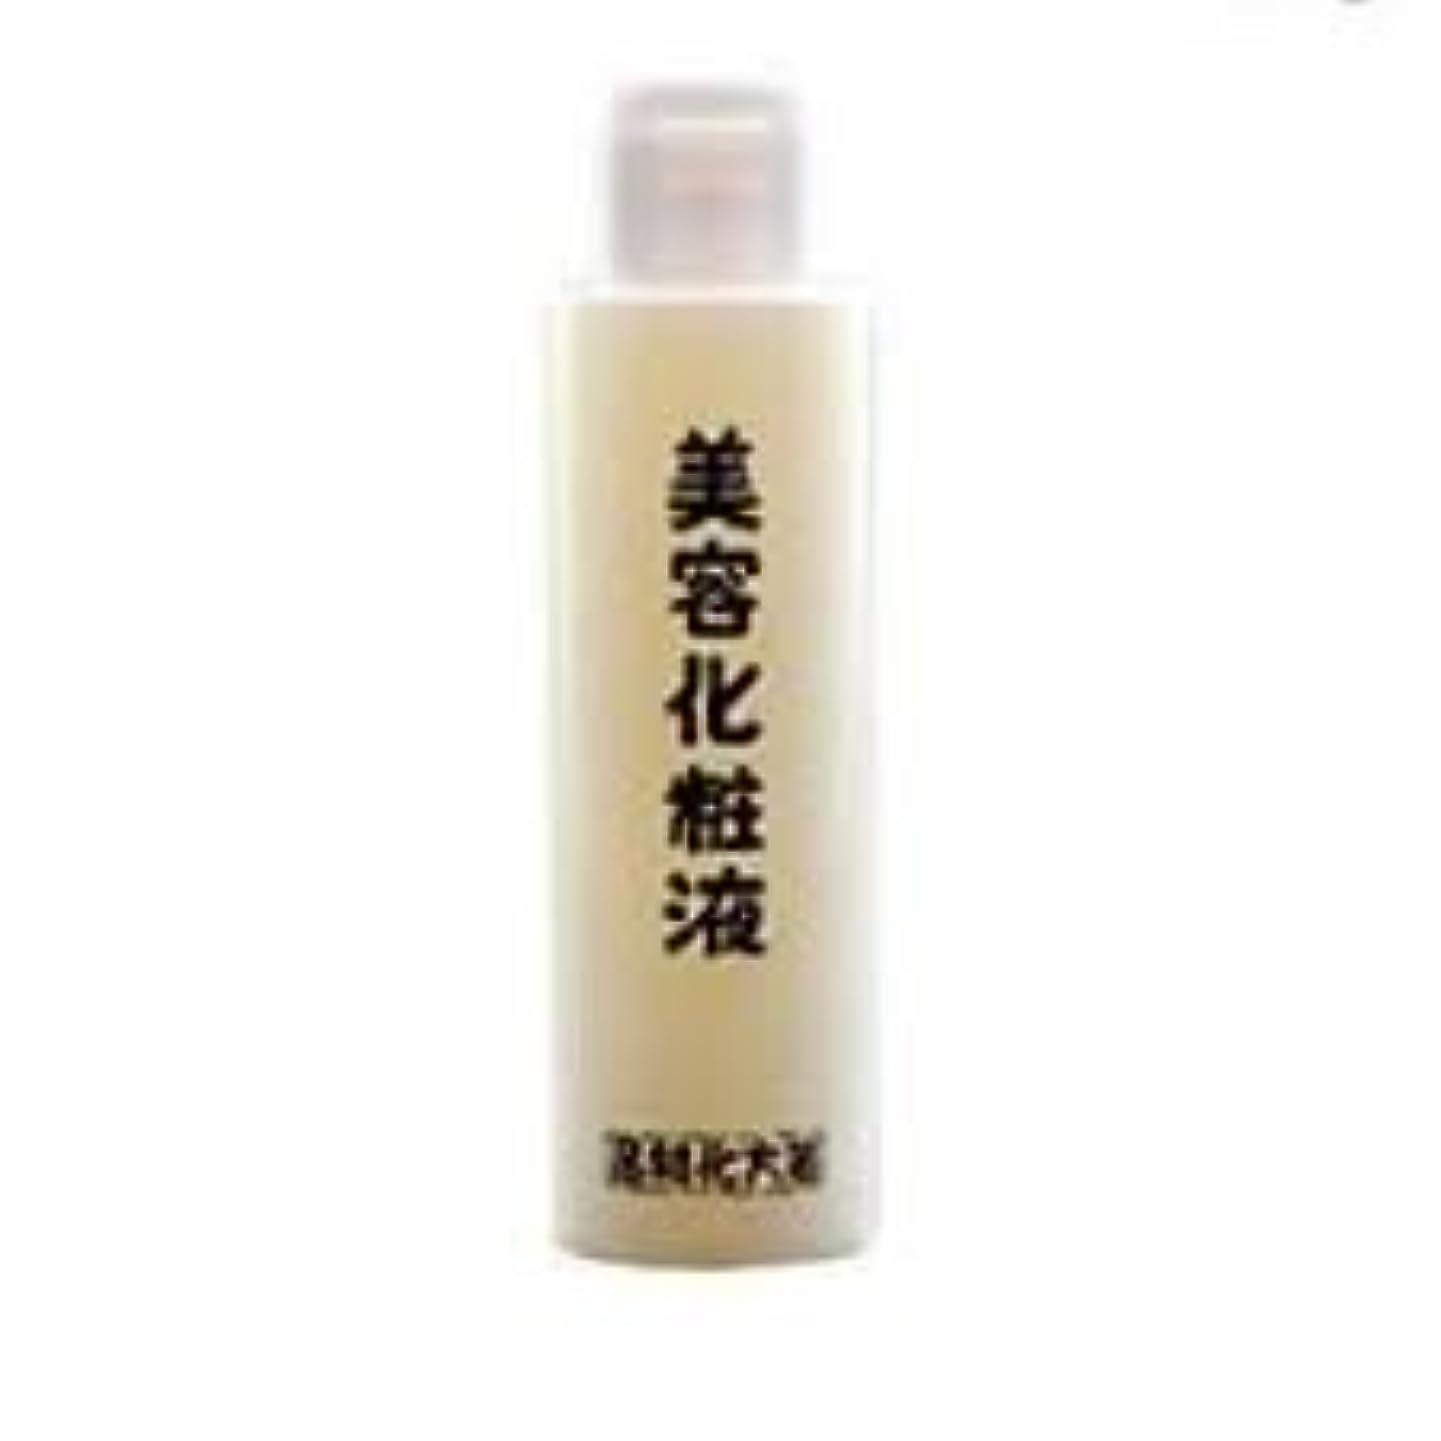 羨望名誉南極箸方化粧品 美容化粧液 化粧水 120ml はしかた化粧品